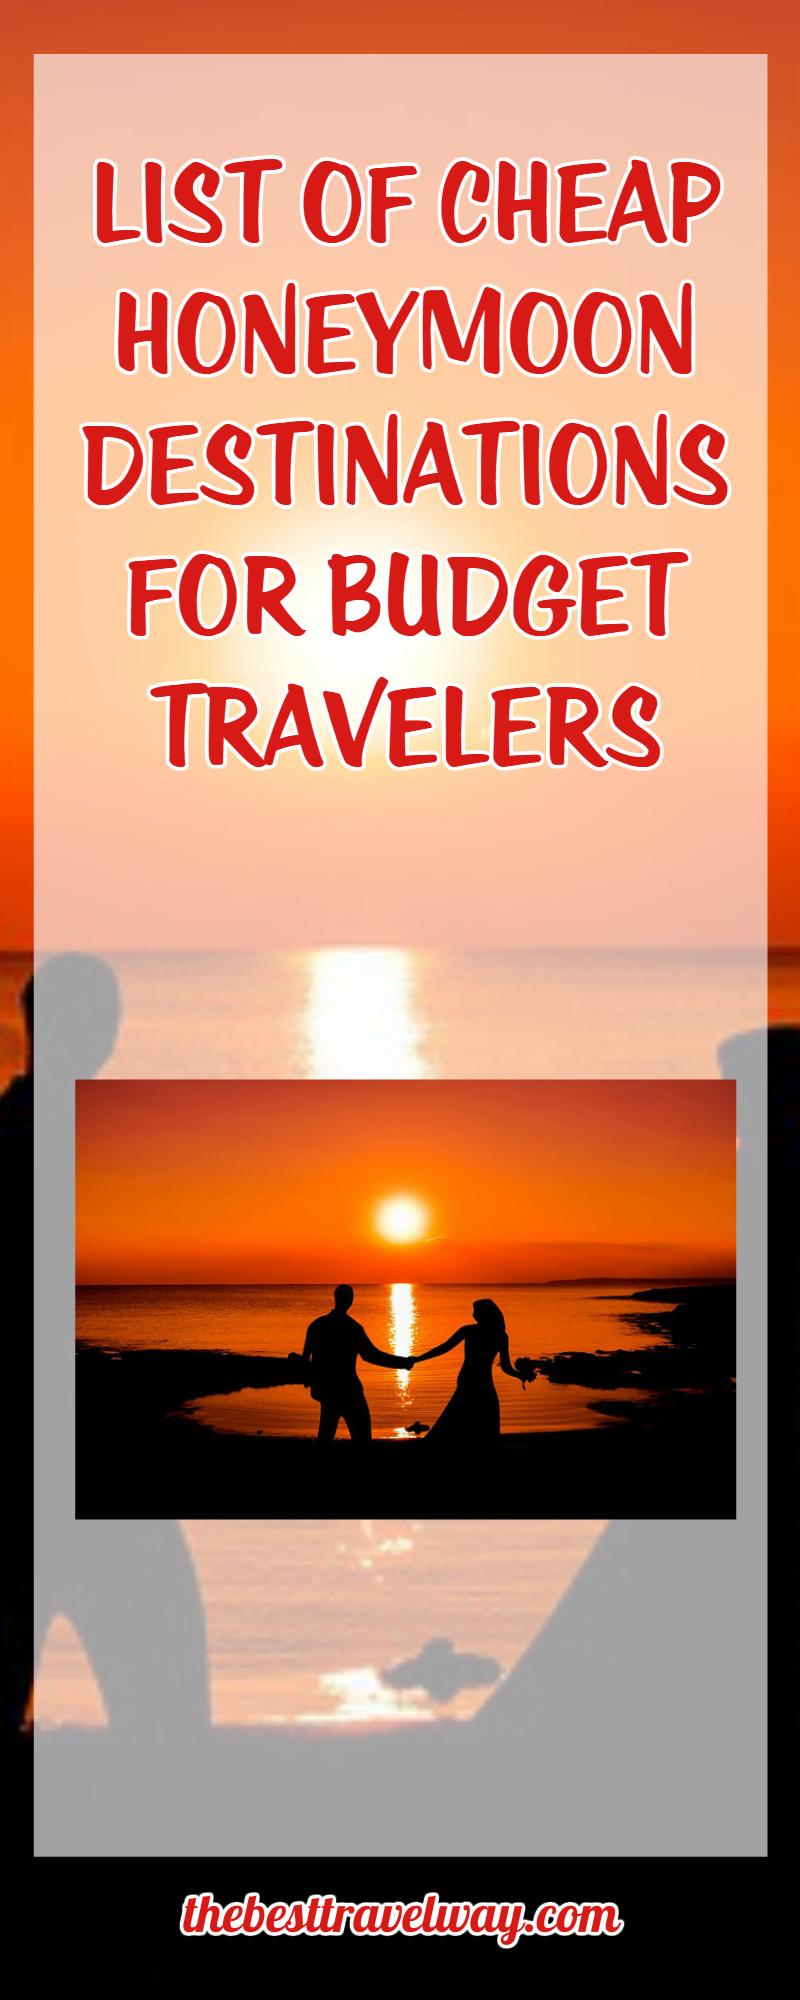 list of cheap honeymoon destinations for budget travelers -   ideas